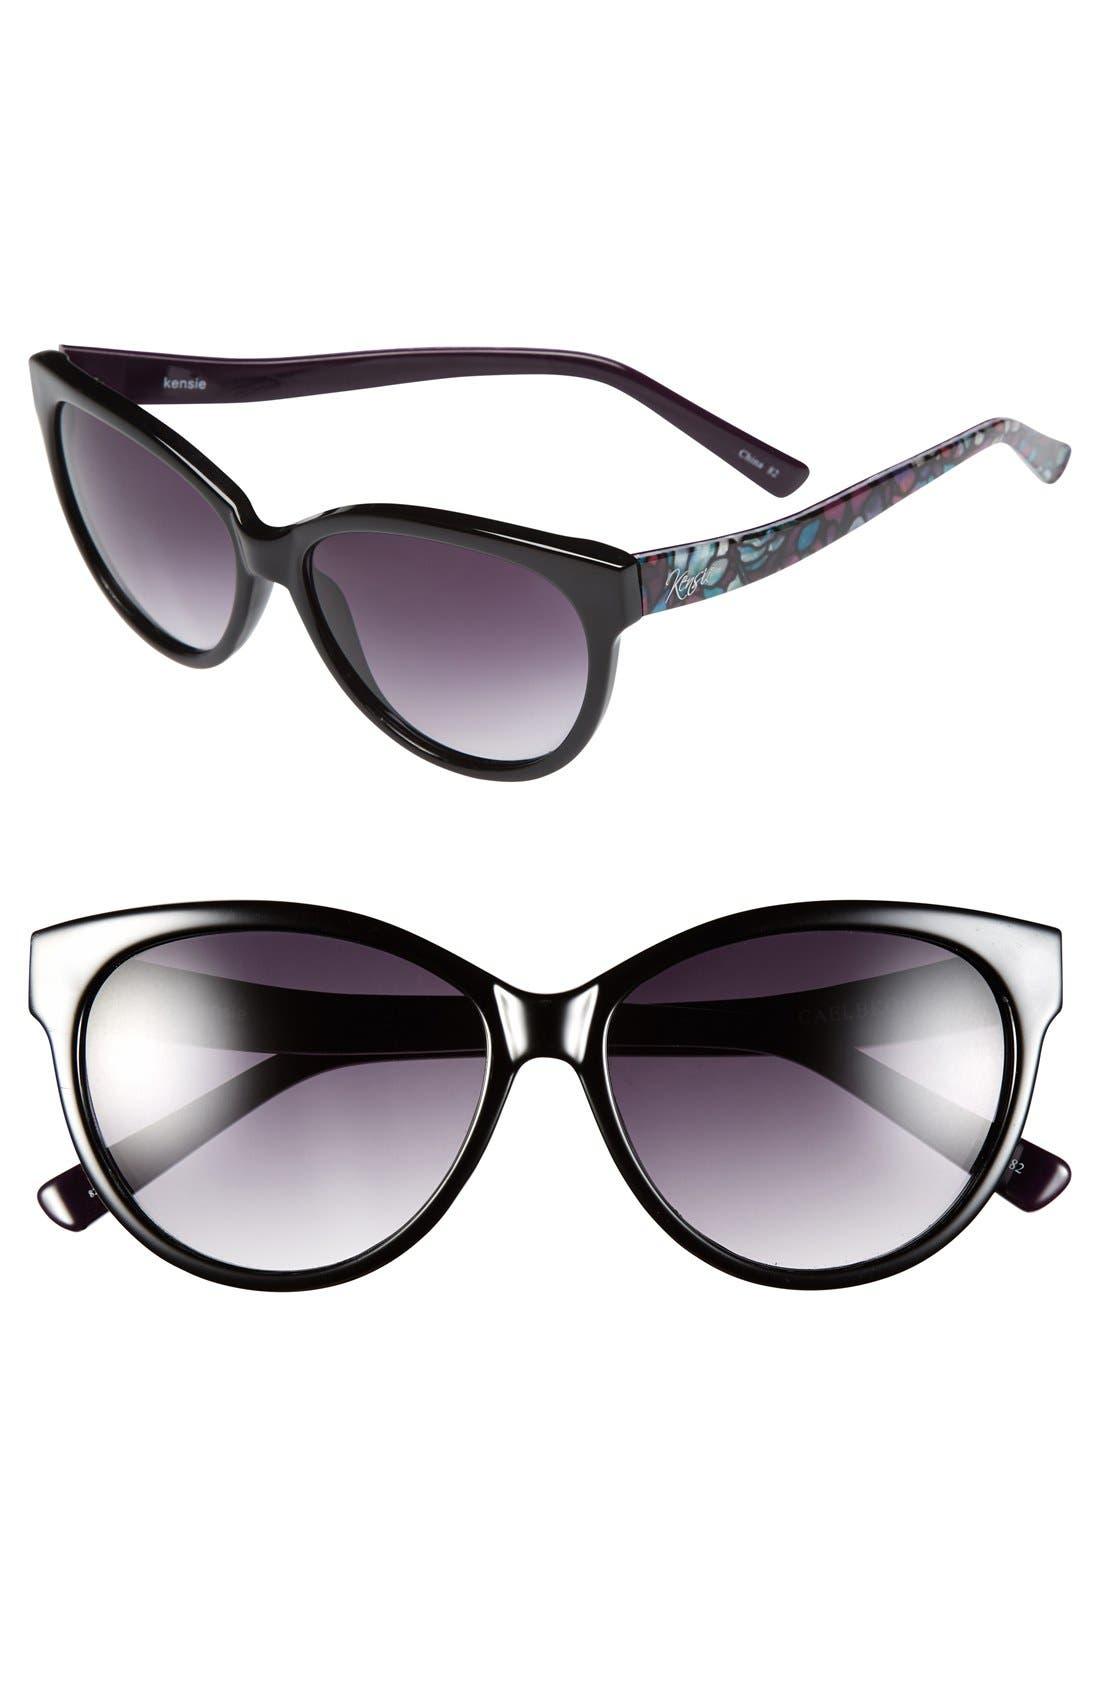 Alternate Image 1 Selected - kensie 'Caelyn' 57mm Cat Eye Sunglasses